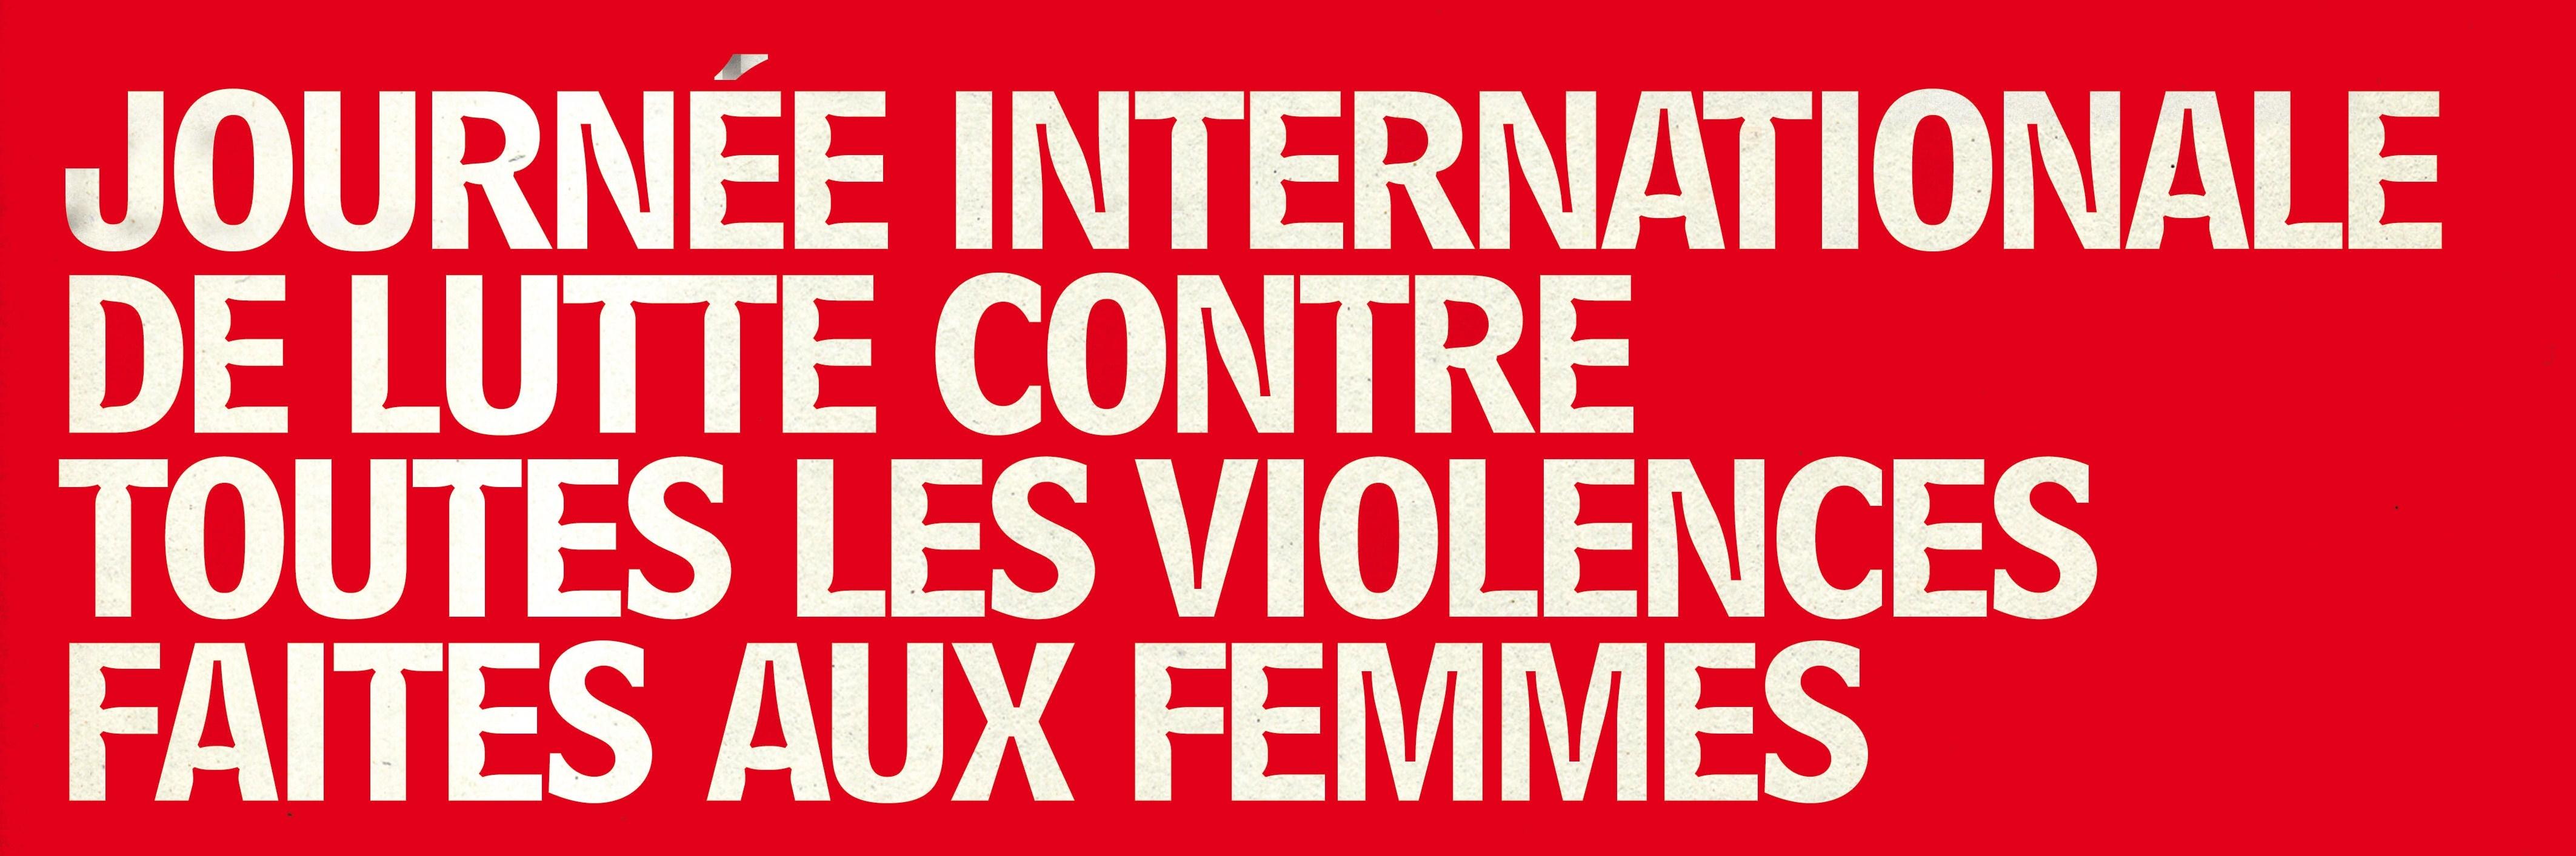 calvi journ e internationale de lutte contre les violences faites aux femmes. Black Bedroom Furniture Sets. Home Design Ideas